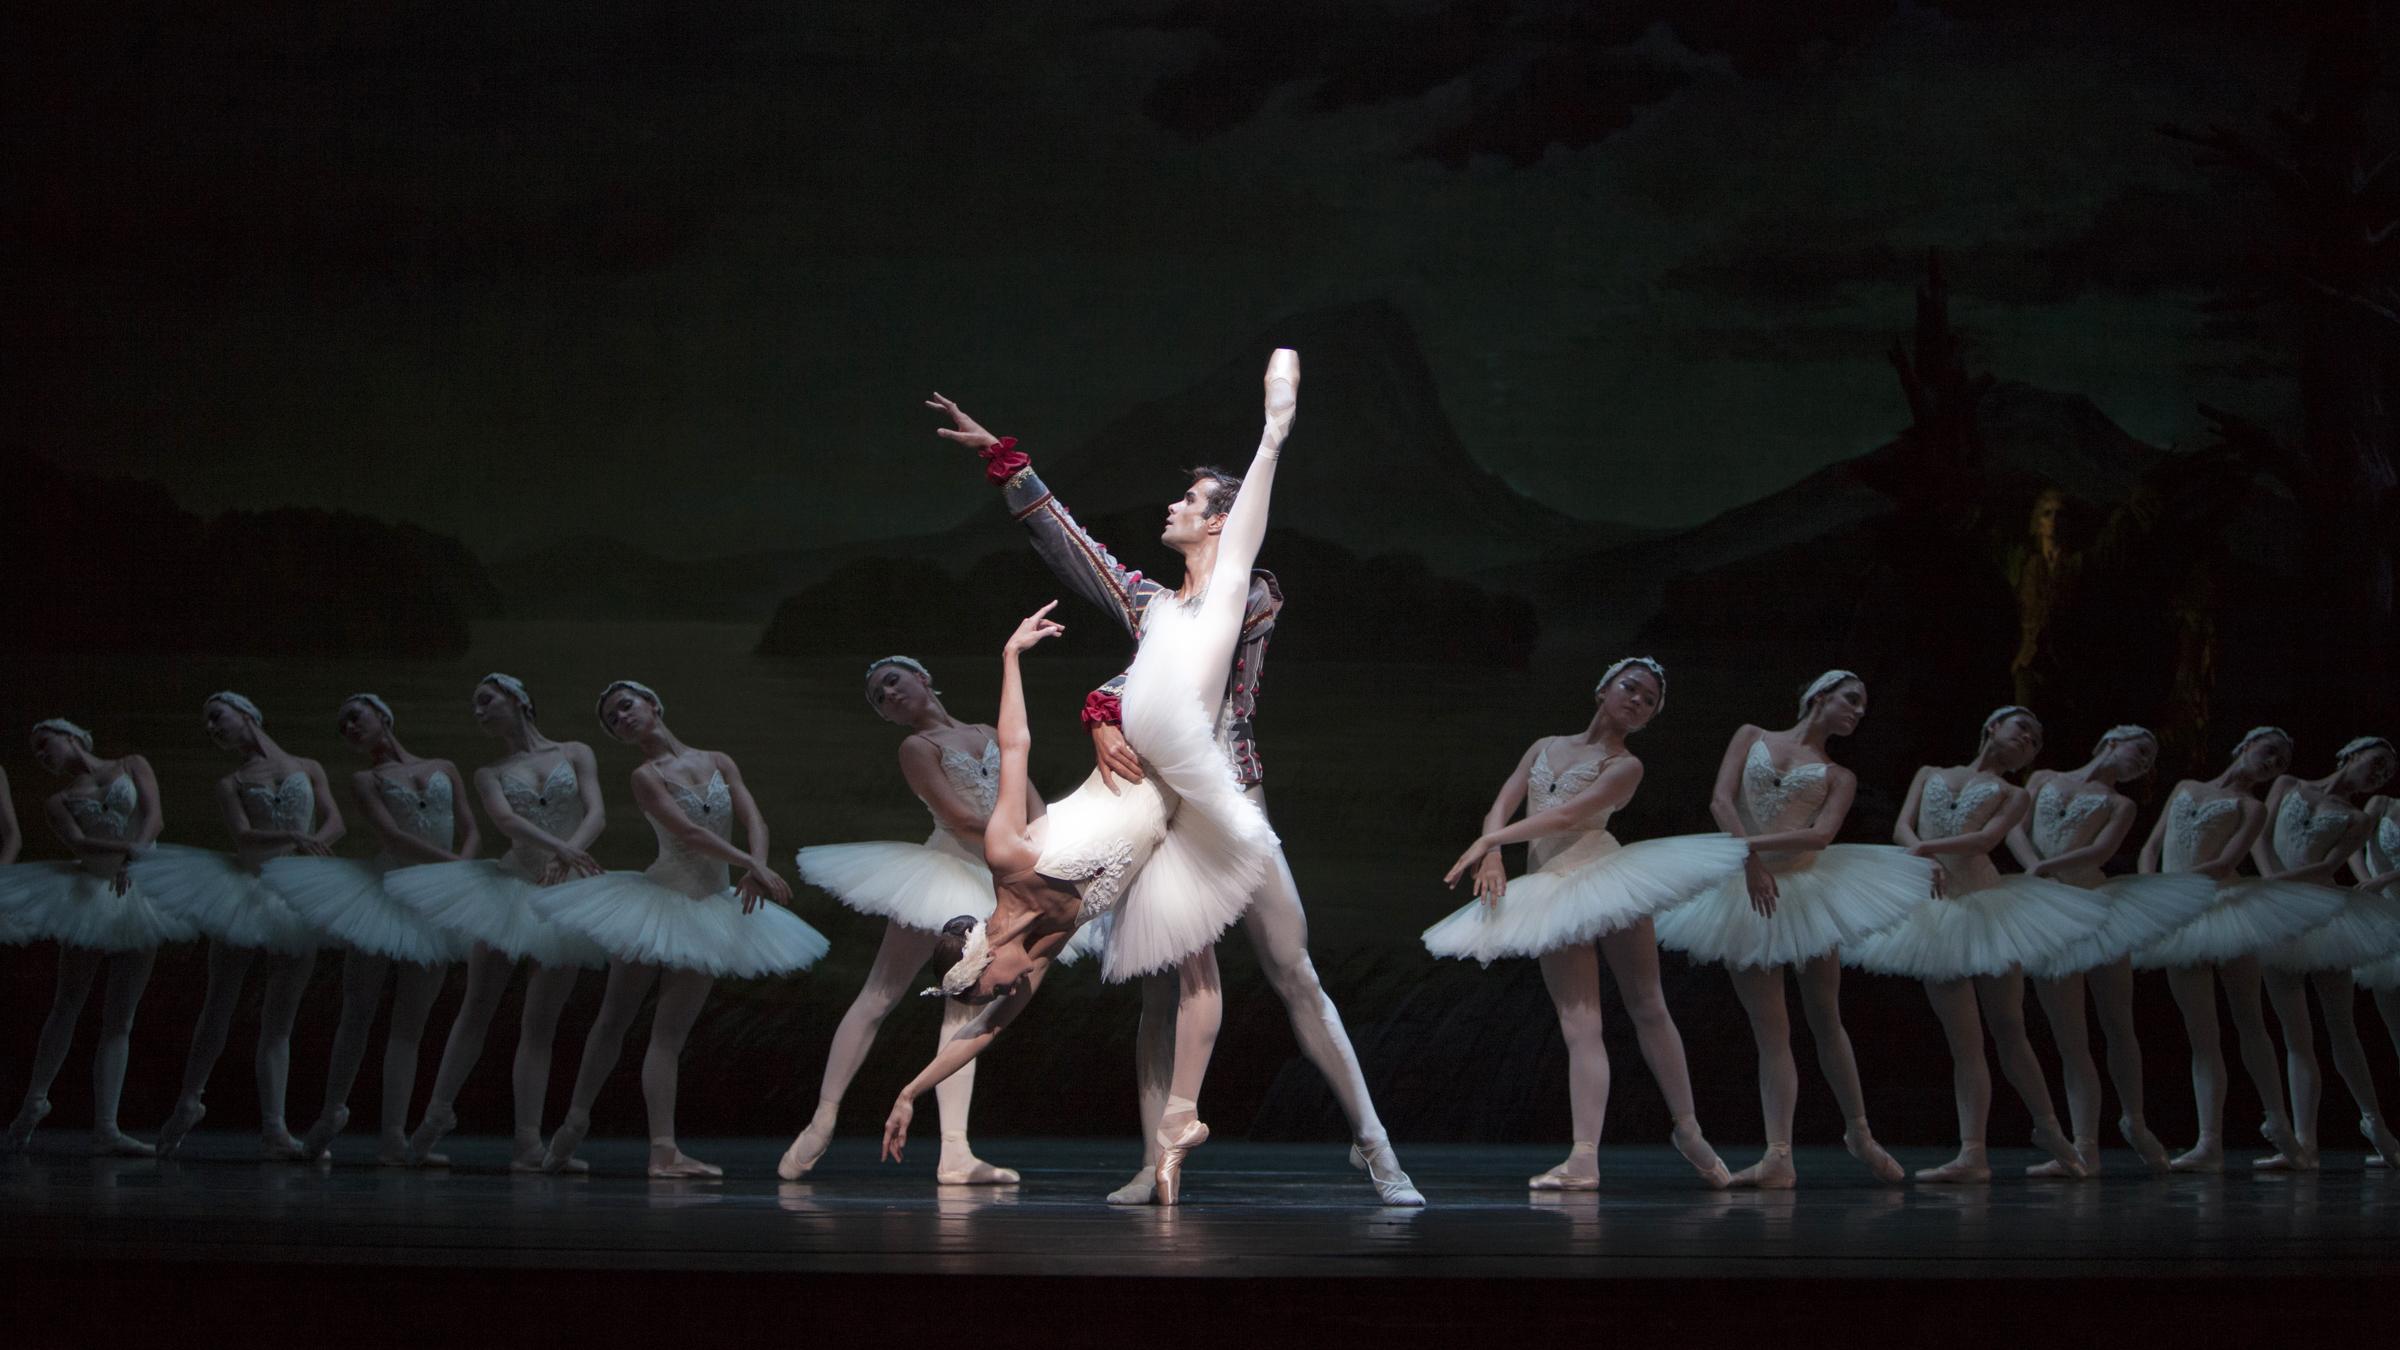 Het zwanenmeer, een man en vrouw staan in het midden, aan de zijkanten staan in het donker nog meer dansers